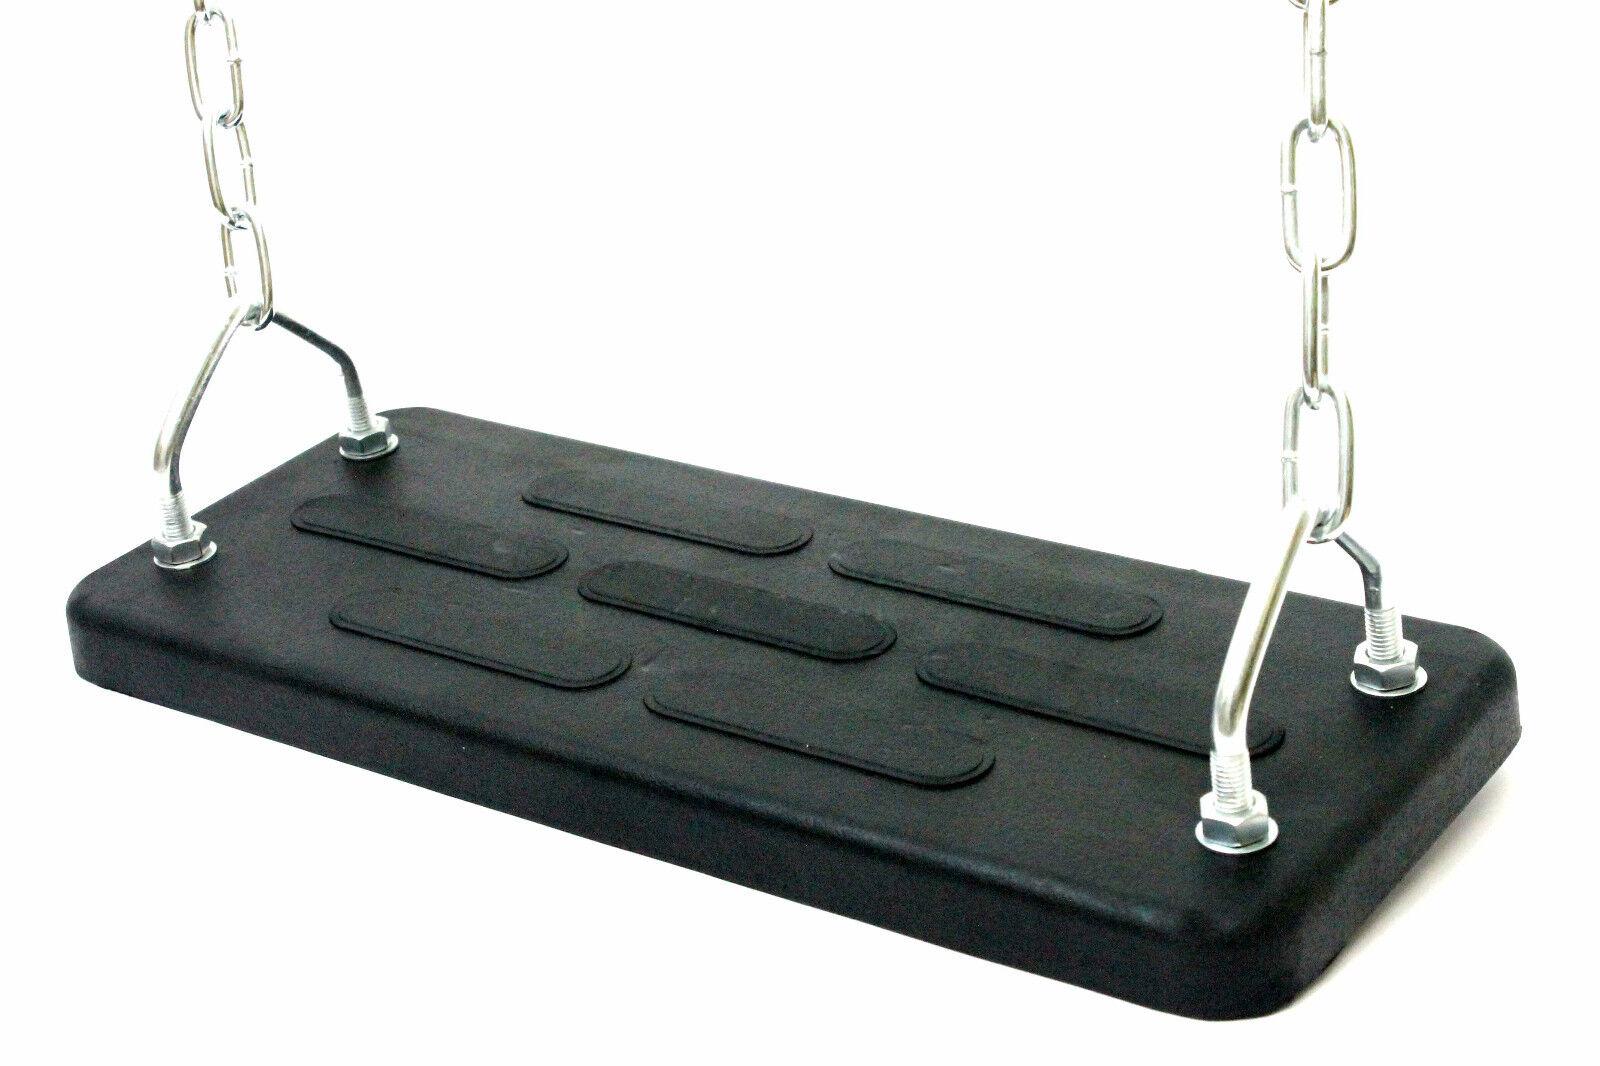 Schaukelsitz mit Kette Metallplatte schwarz 5kg schwer Gummisitz Schaukel breit